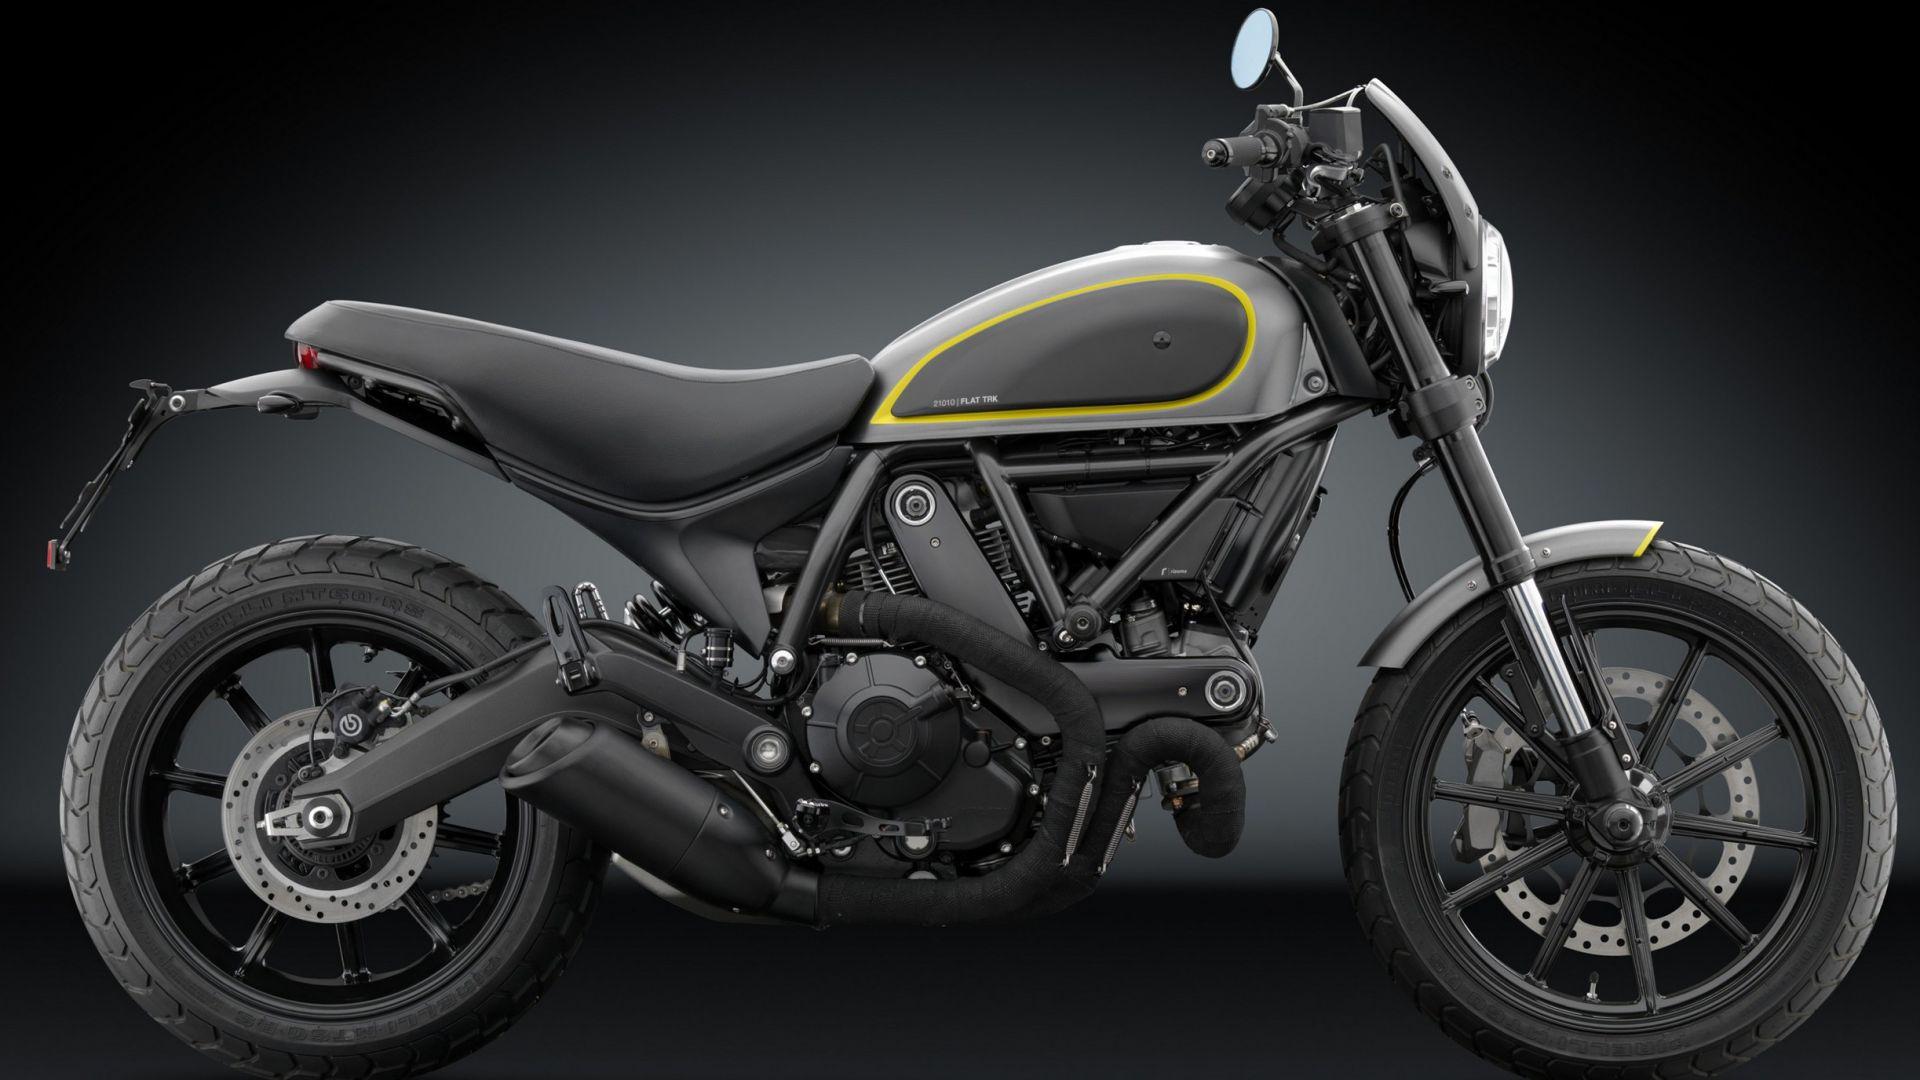 Accessori Moto Rizoma Accessory Line Per Ducati